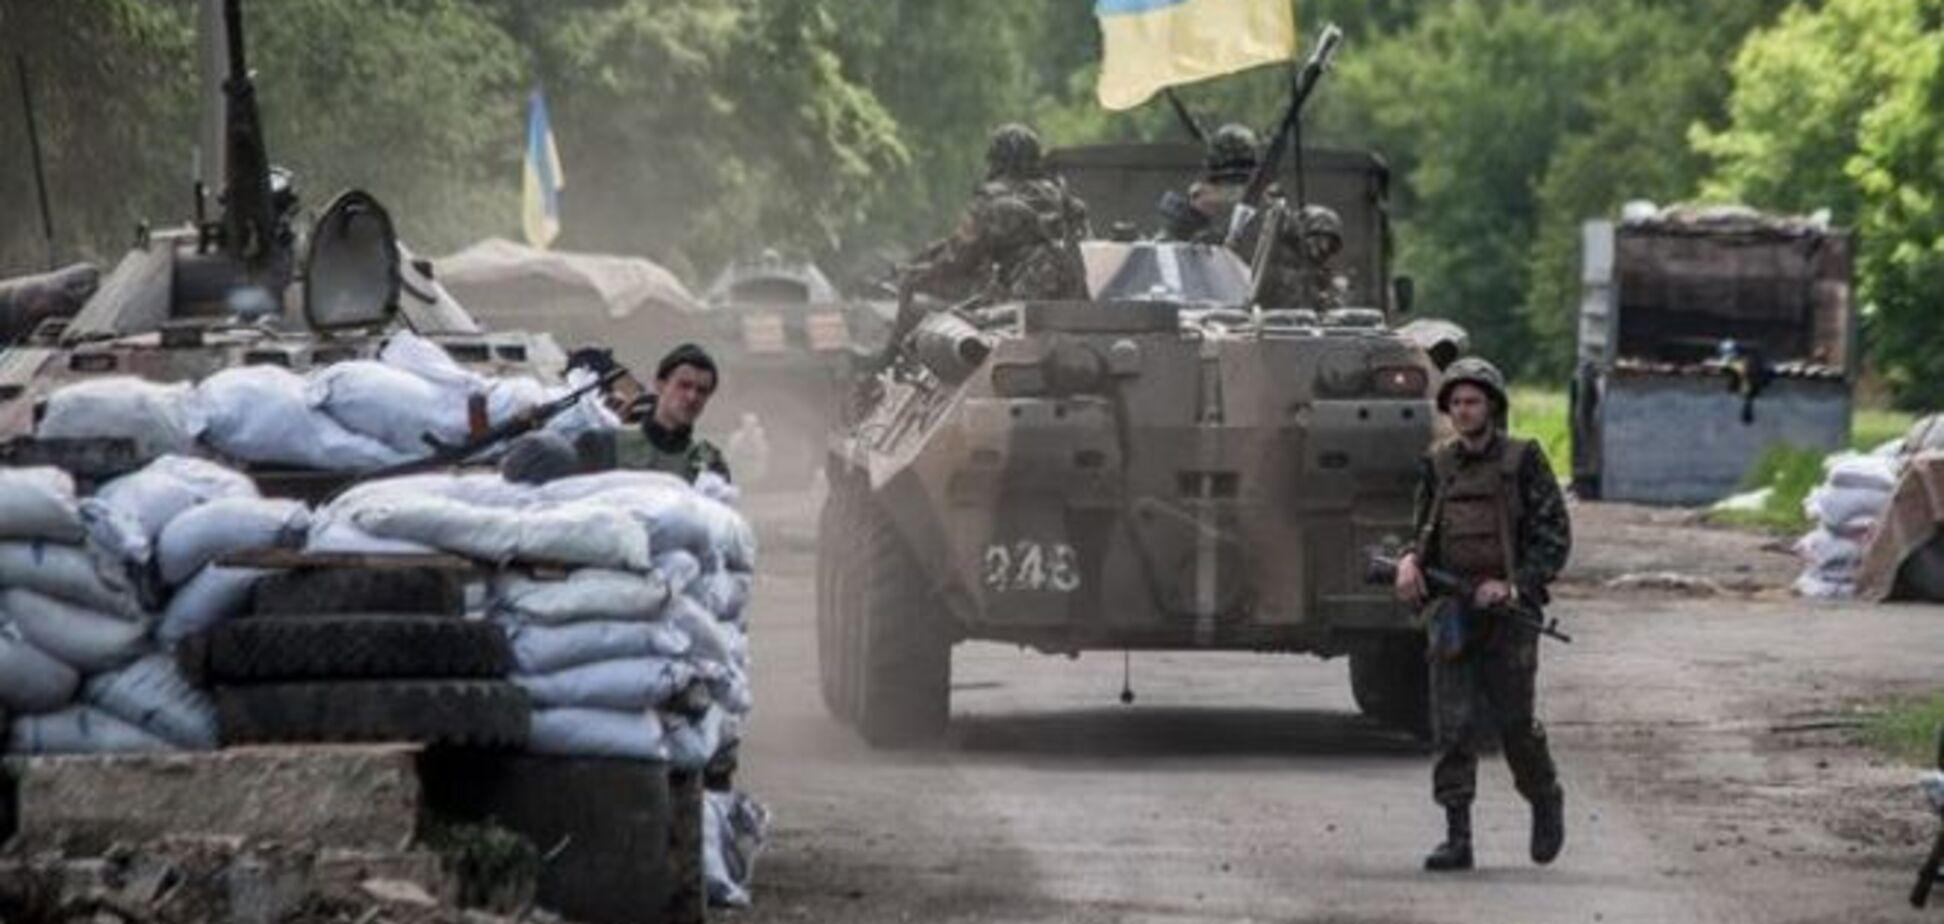 Тревожная ночь в зоне АТО: террористы взорвали боеприпасы и обстреляли блокпосты